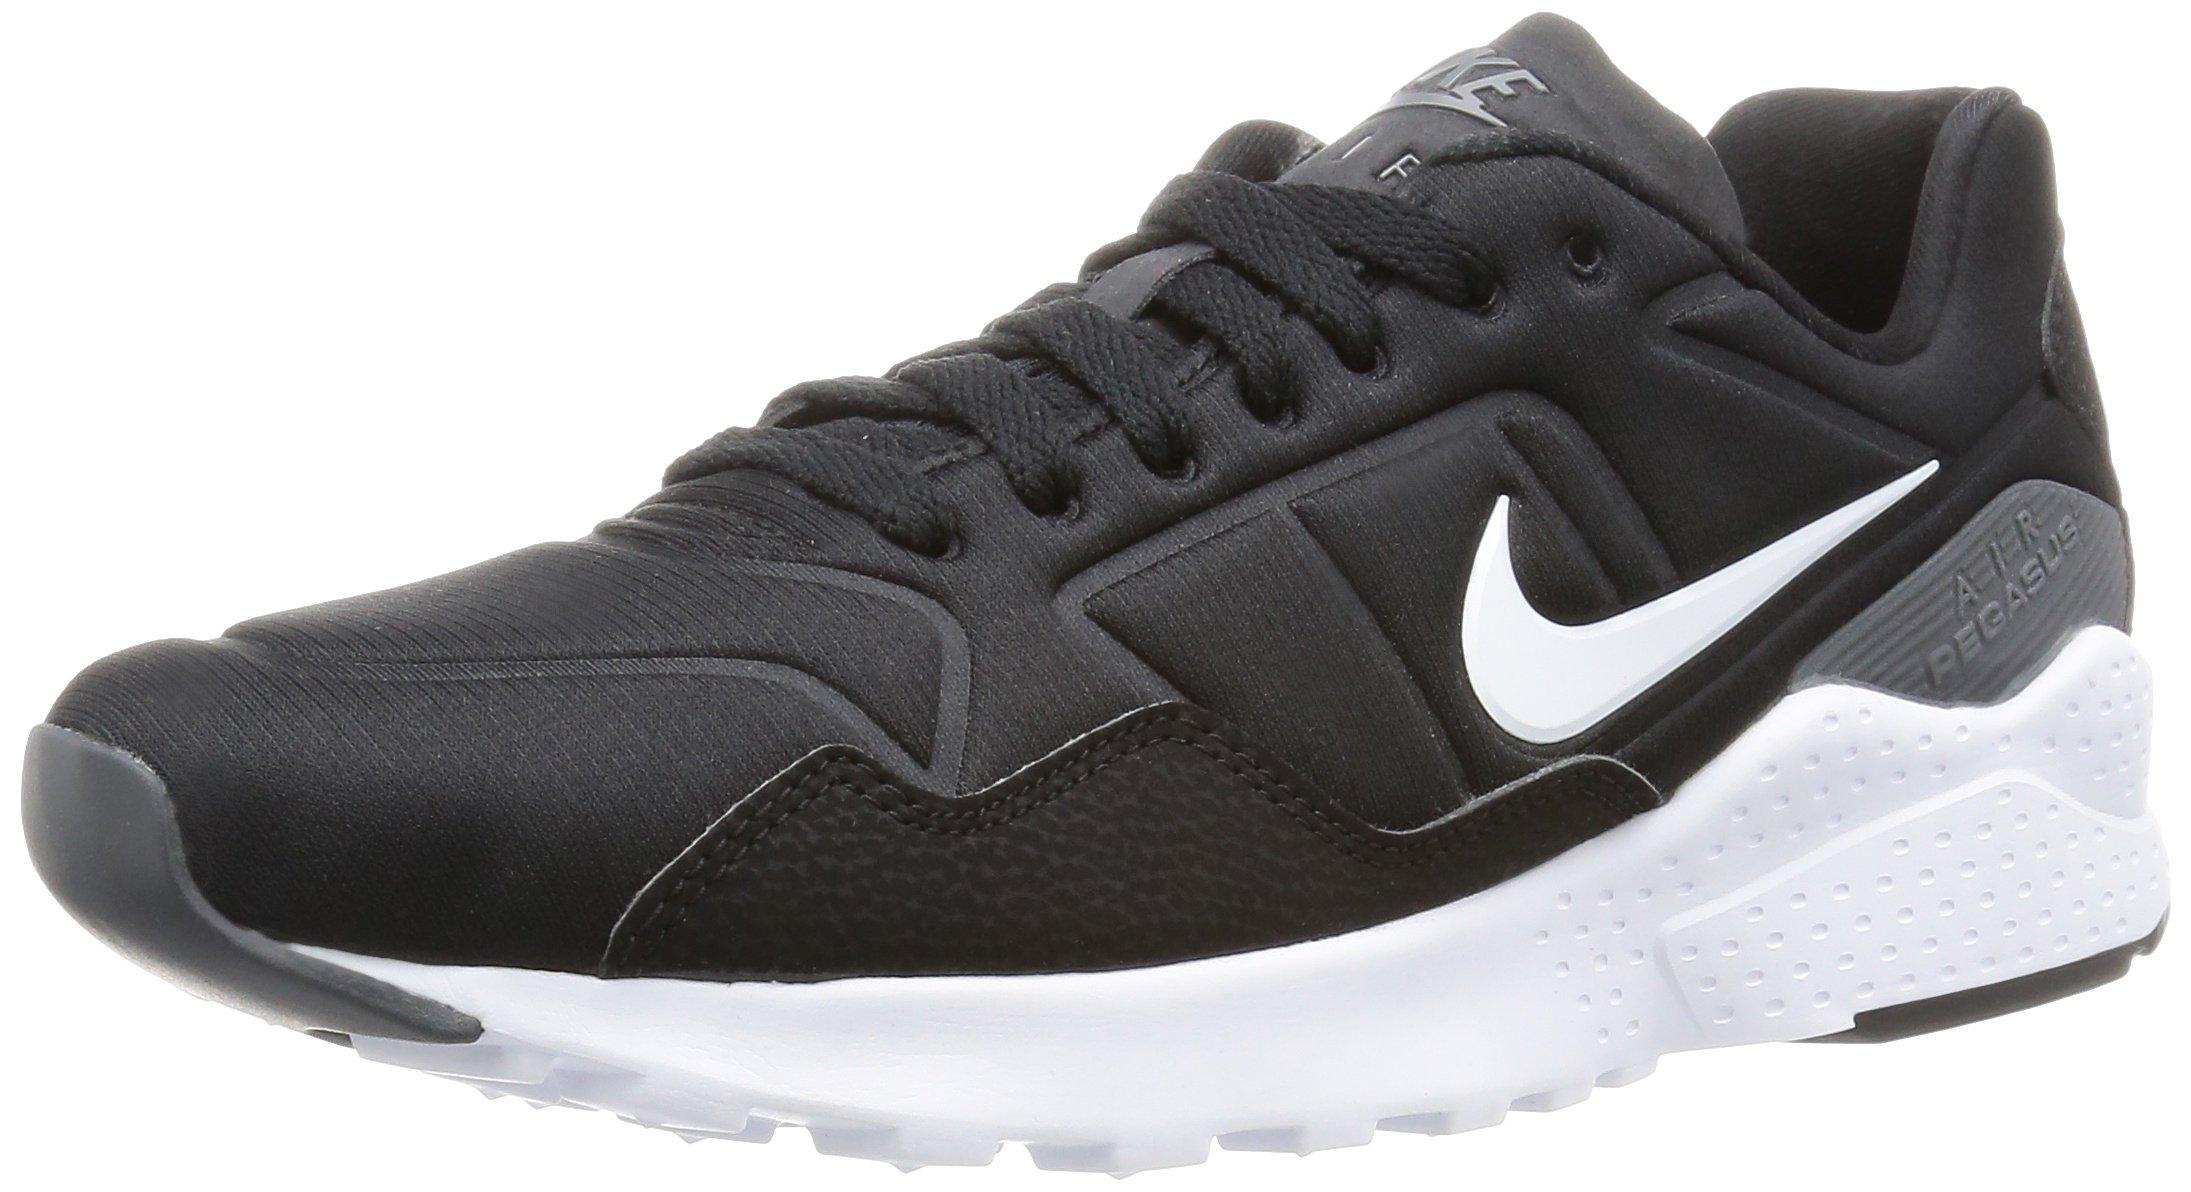 Mens Nike Air Zoom Pegasus 92 Black Running Trainers 844652 001